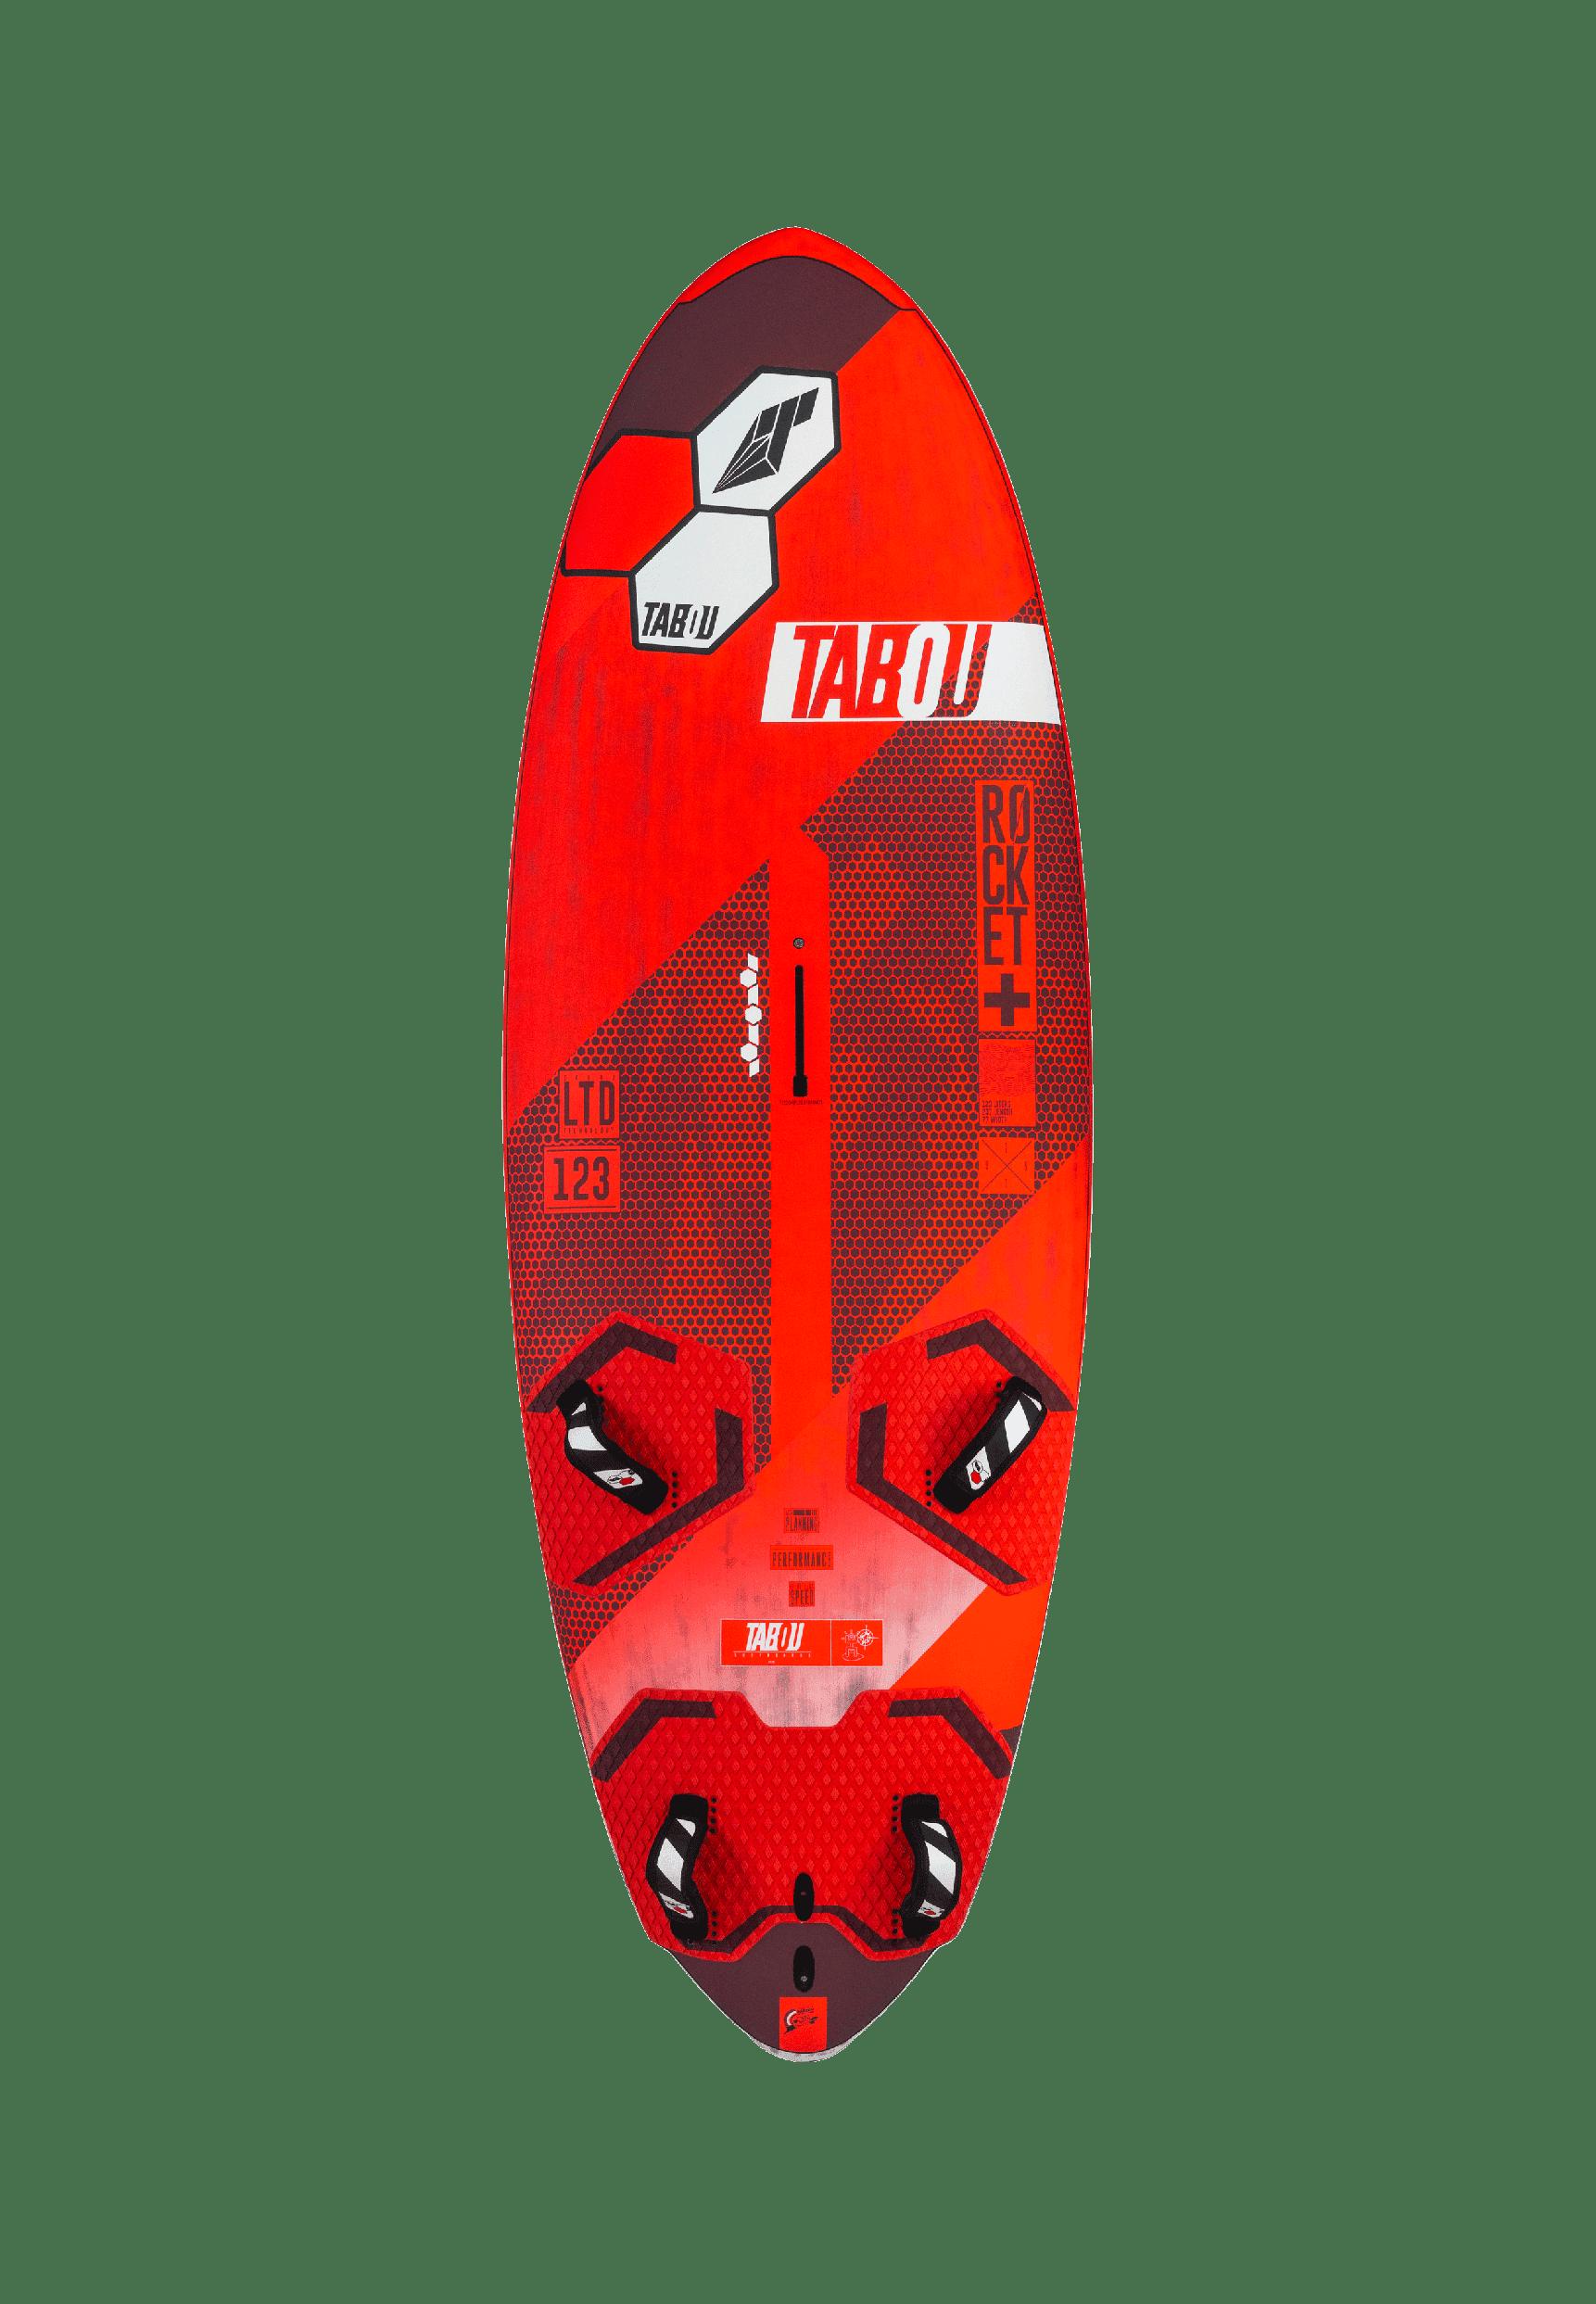 Tabou Rocket Plus Carbon Flex 2020